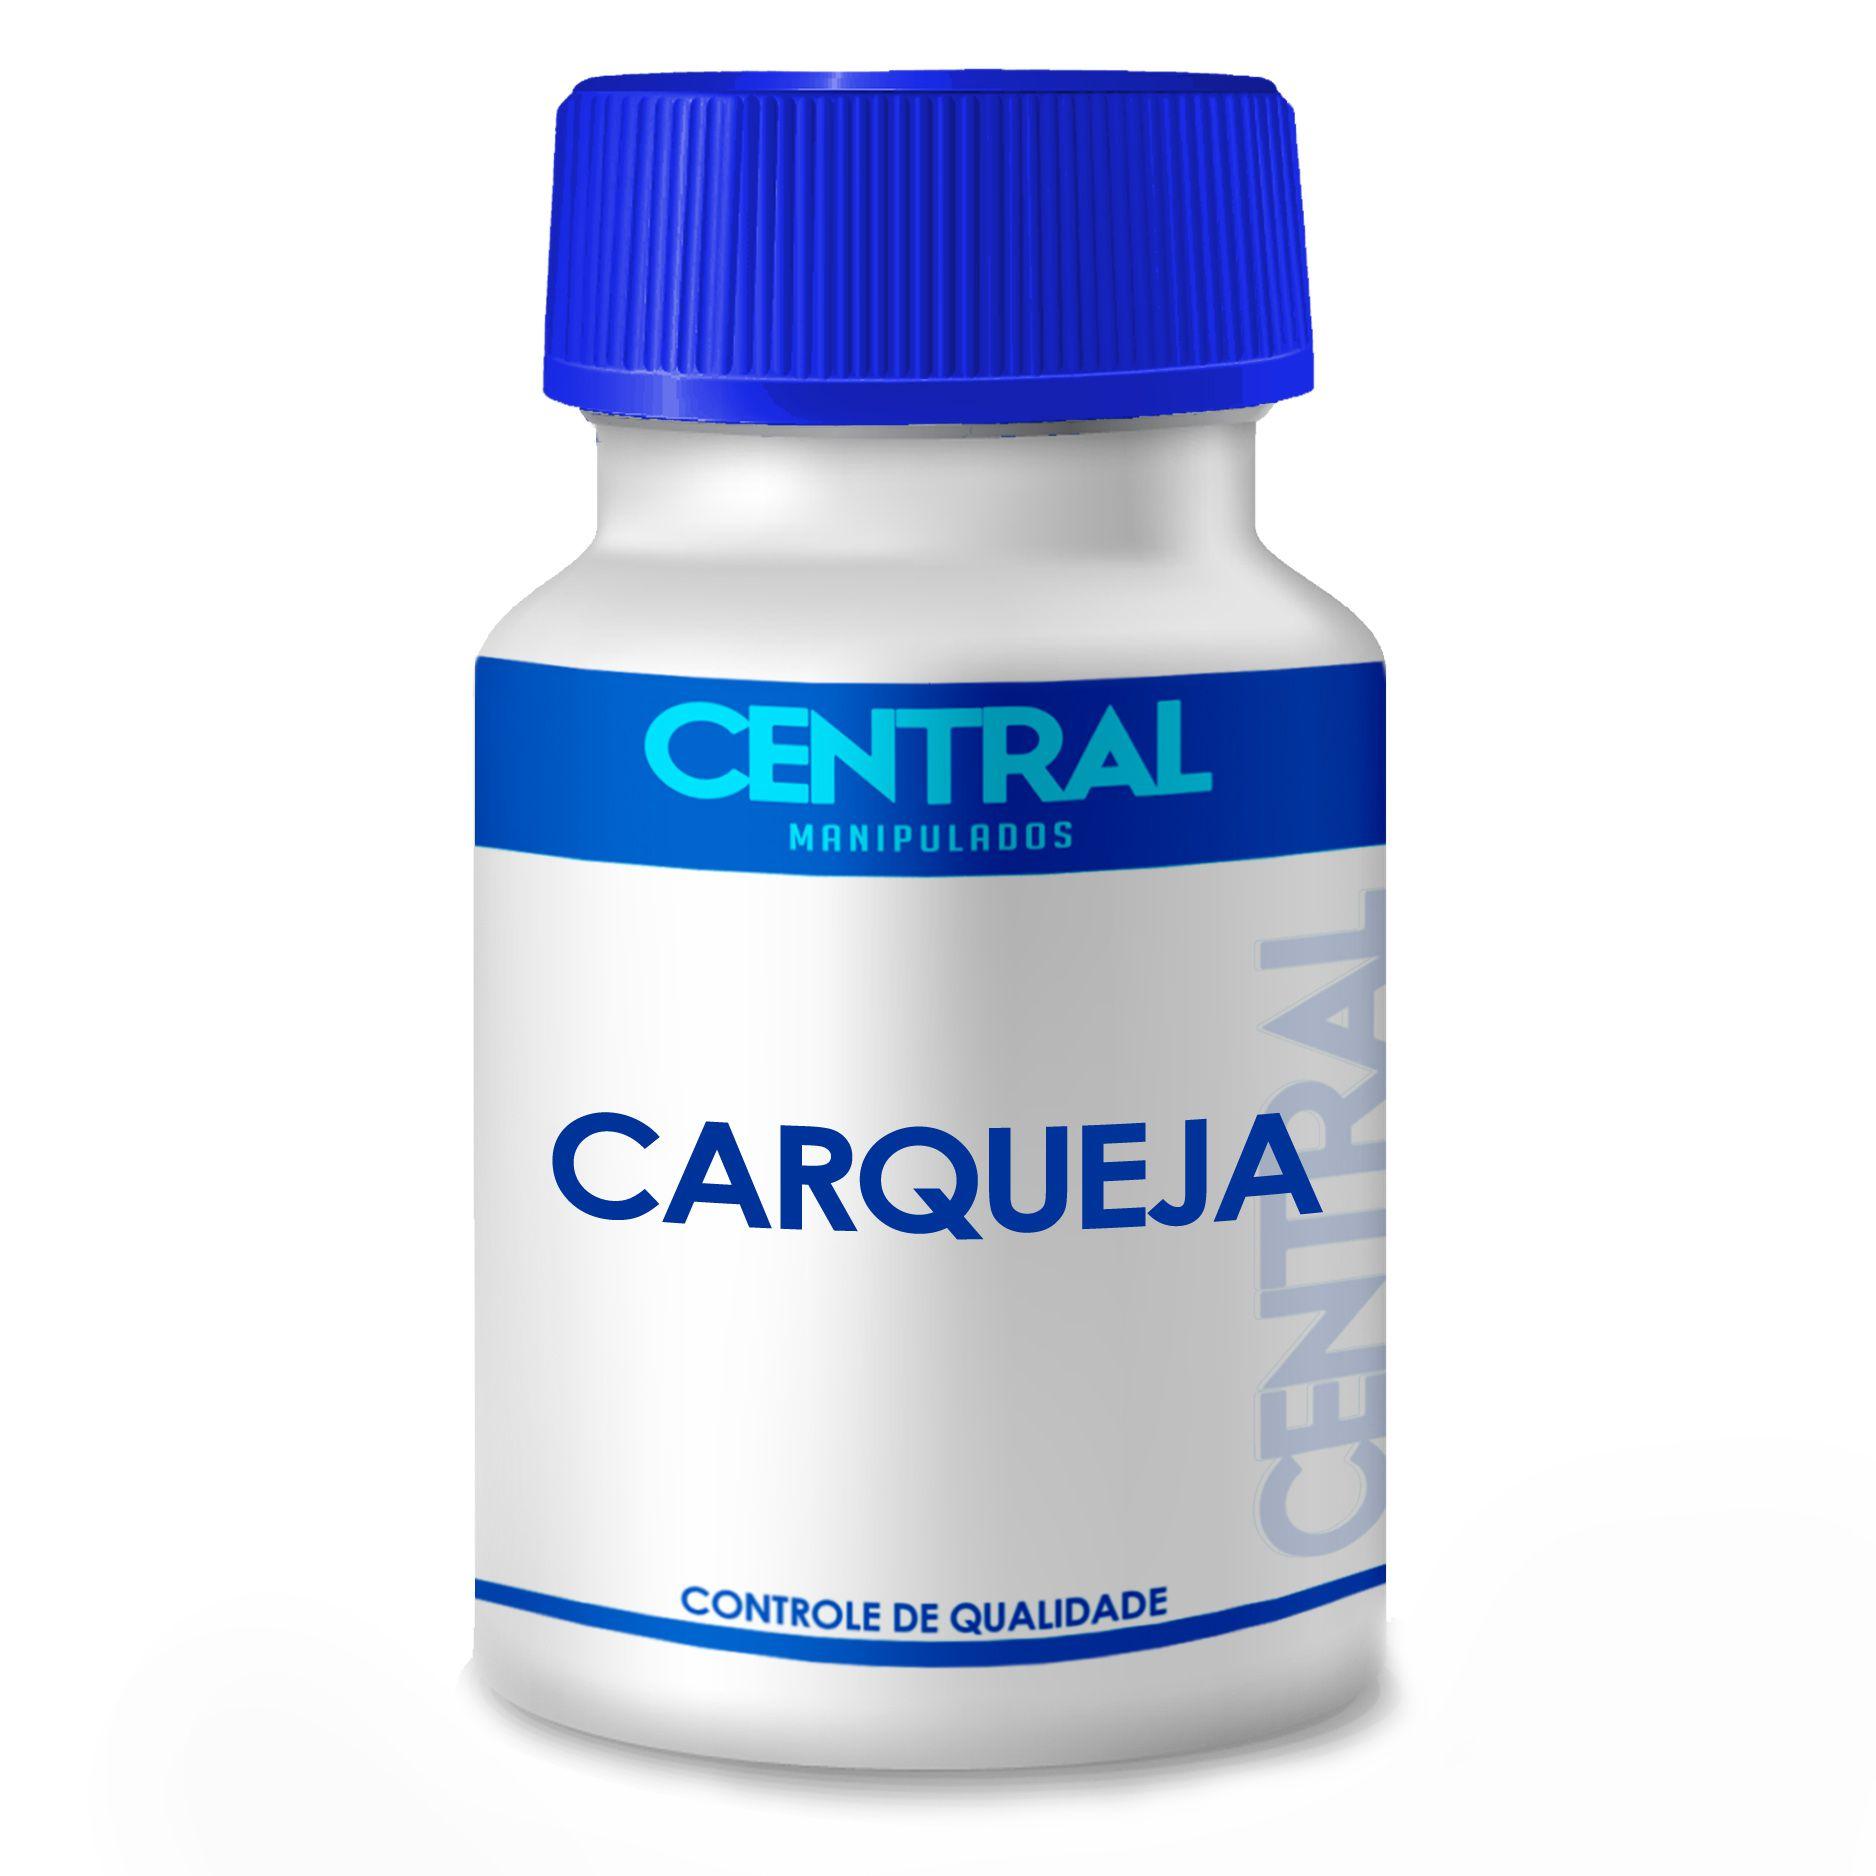 Carqueja - digestiva, hepatoprotetora, diurética - 300mg - 120 cápsulas